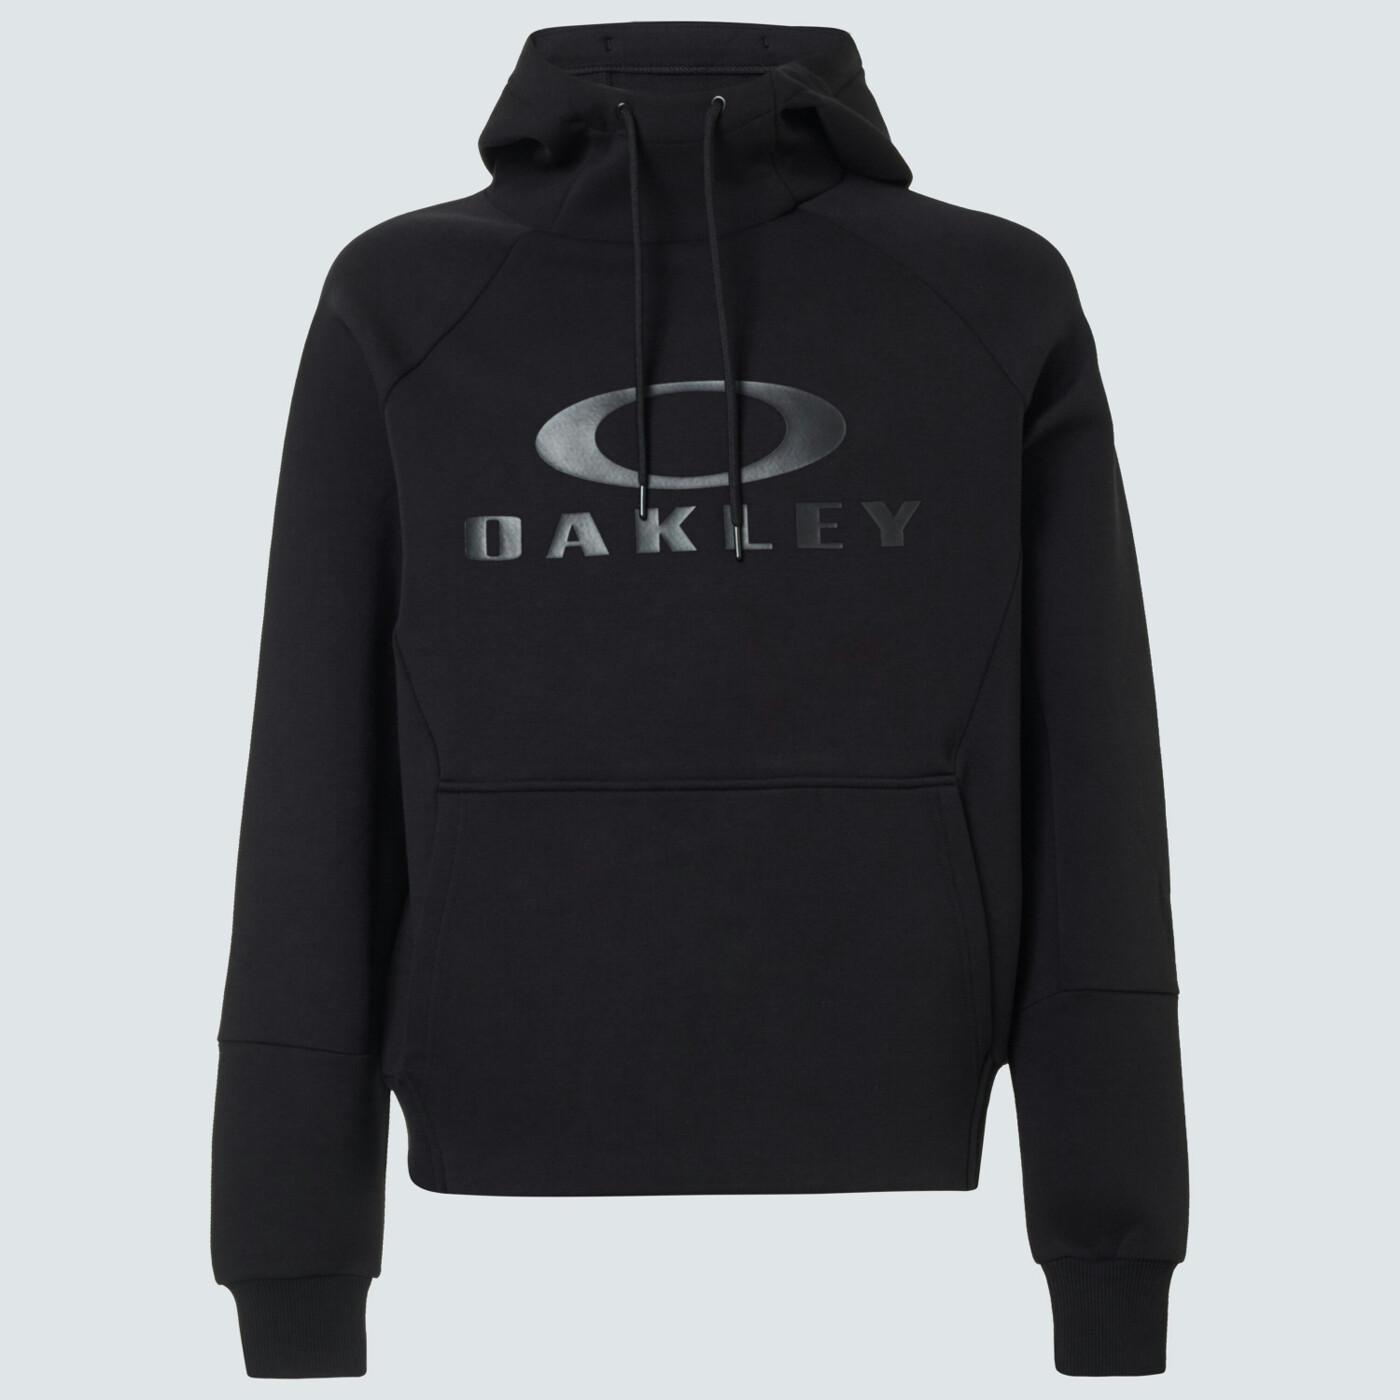 Pullover SIERRA DWR FLEECE HOODY OAKLEY - Herren